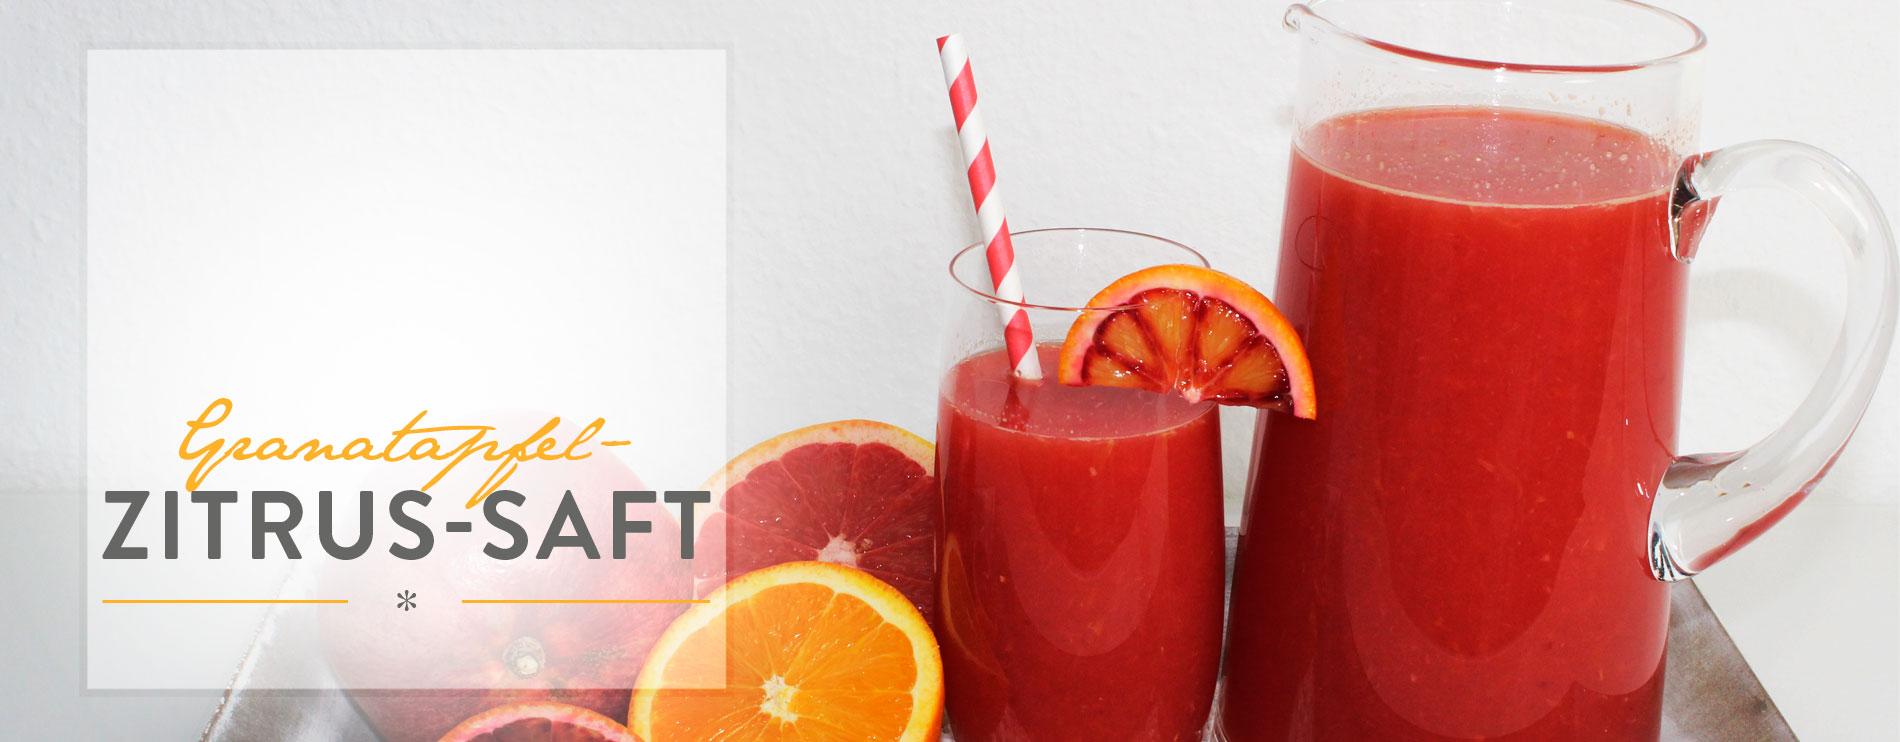 Header Granatapfel-Zitrus-Saft